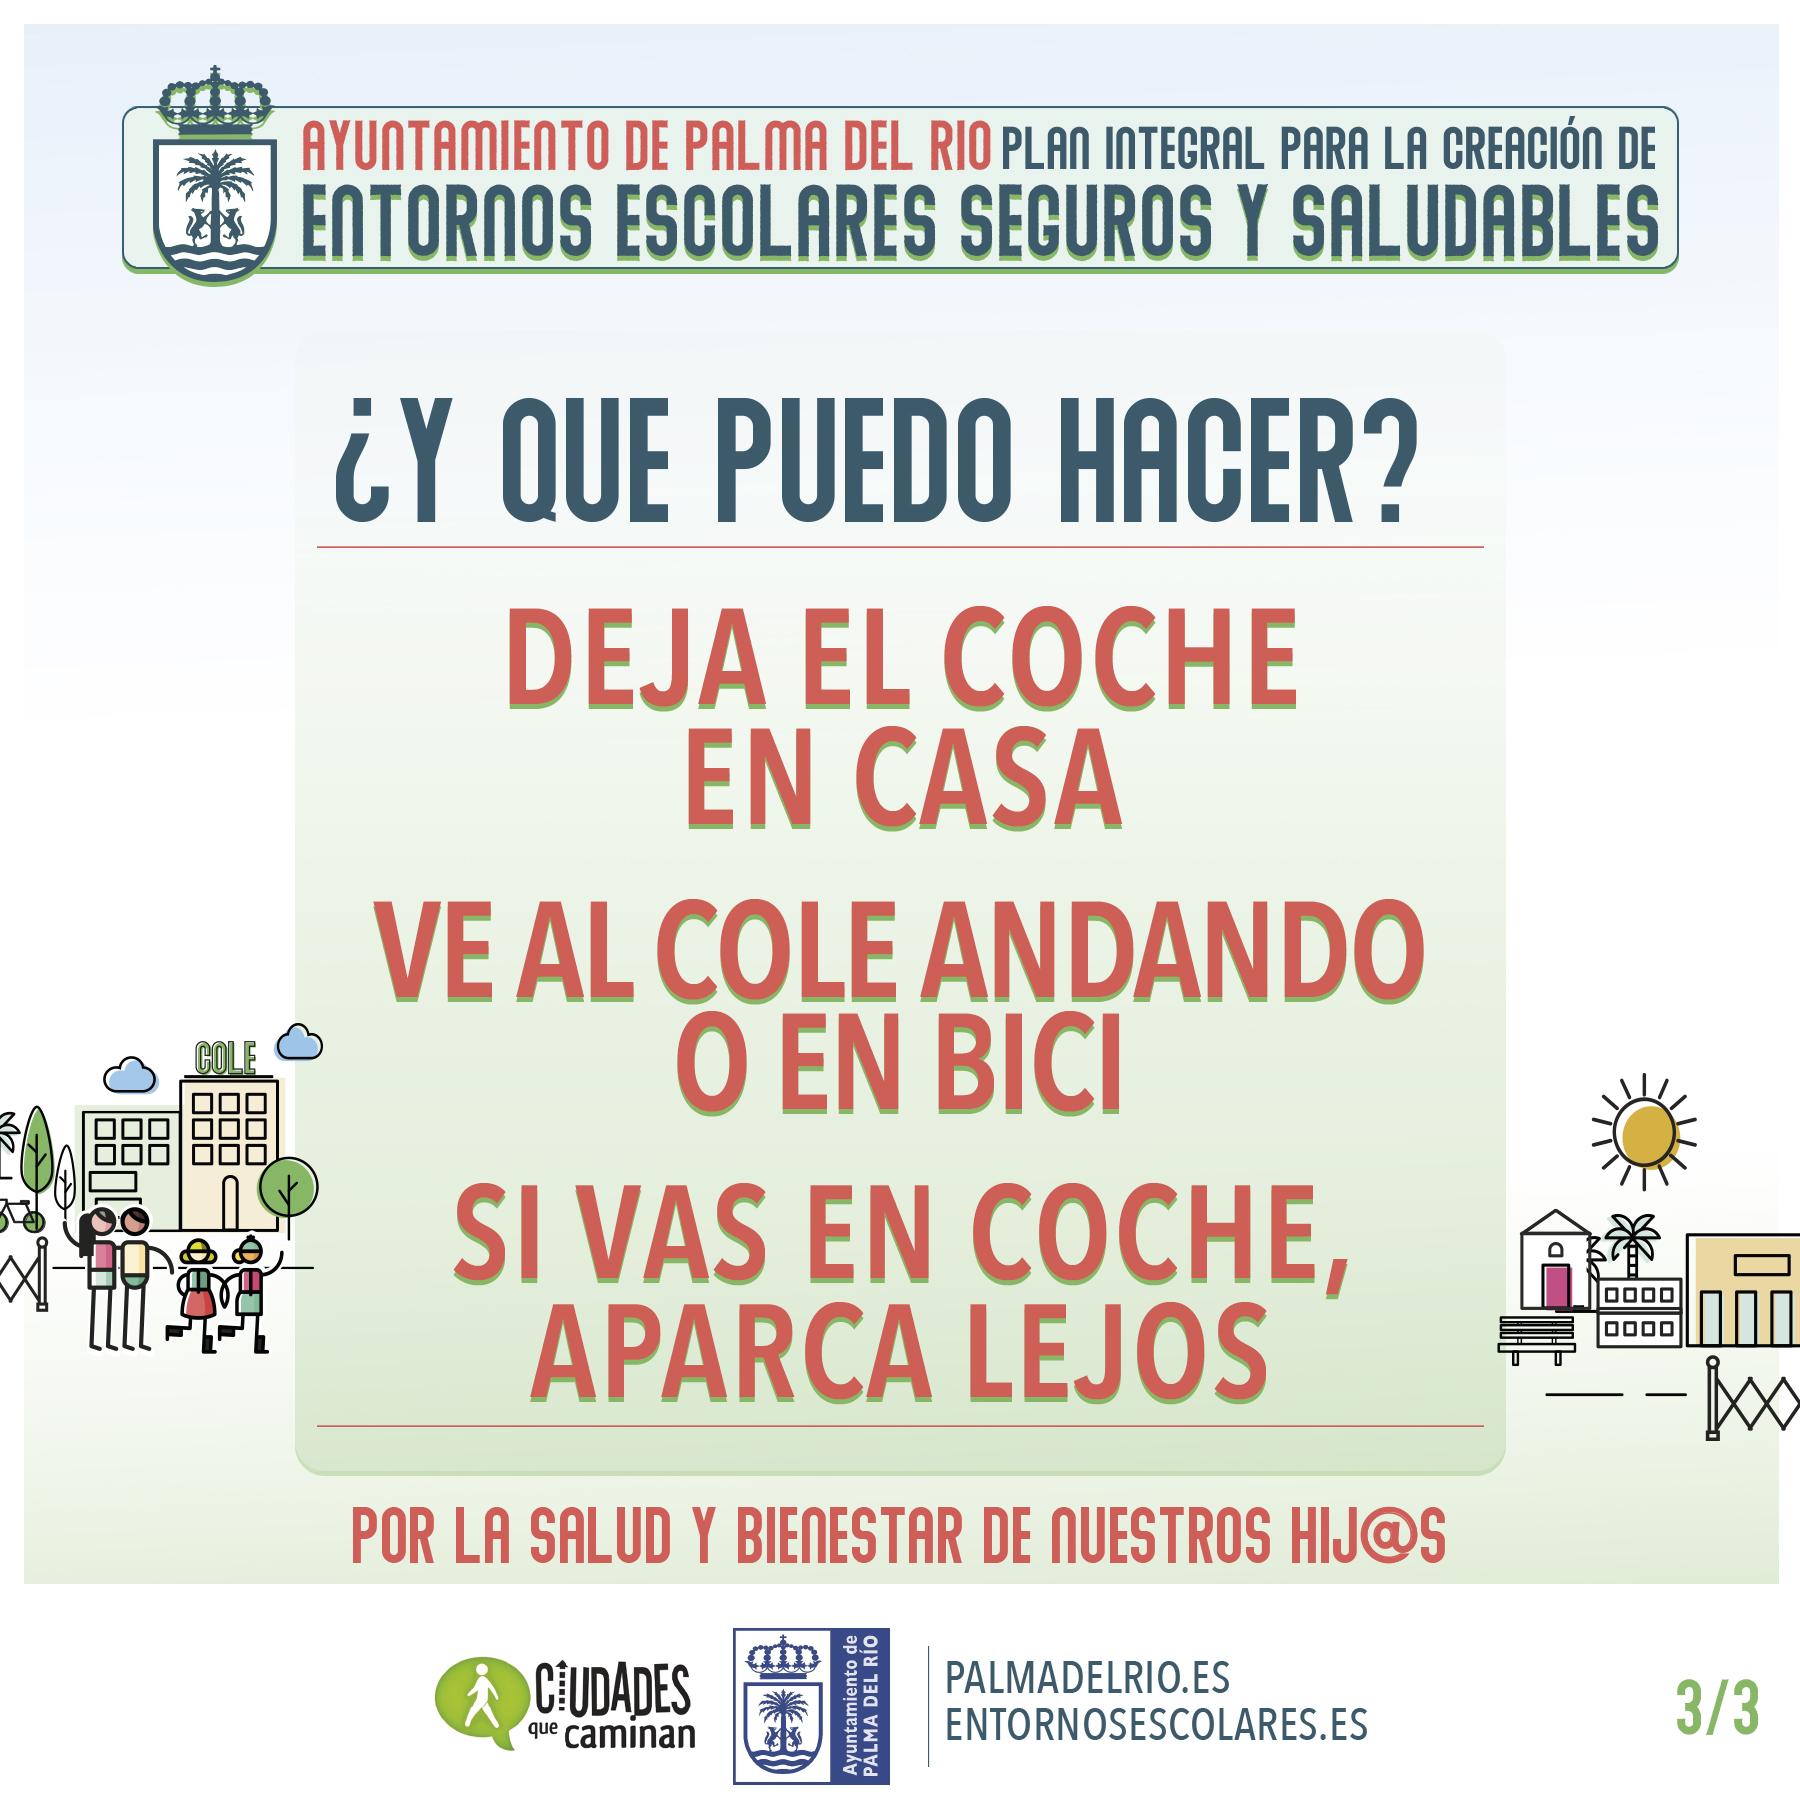 Imagen Entornos Escolares FB y Twitter (3)